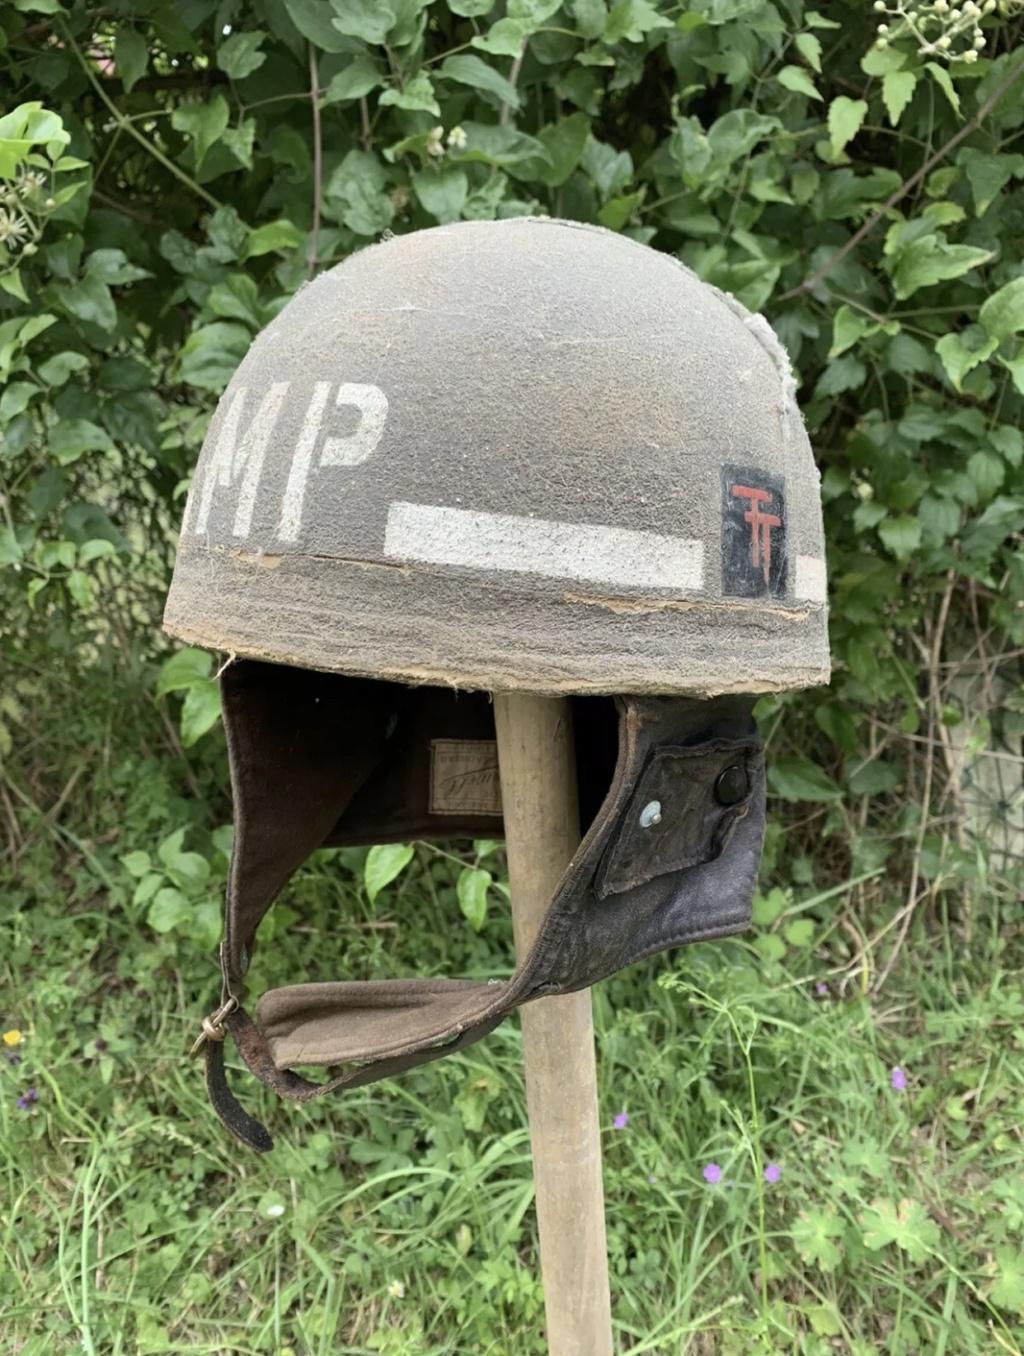 Rare casque anglais Mp 50 th division infanterie ww2 Normandie  80b72610